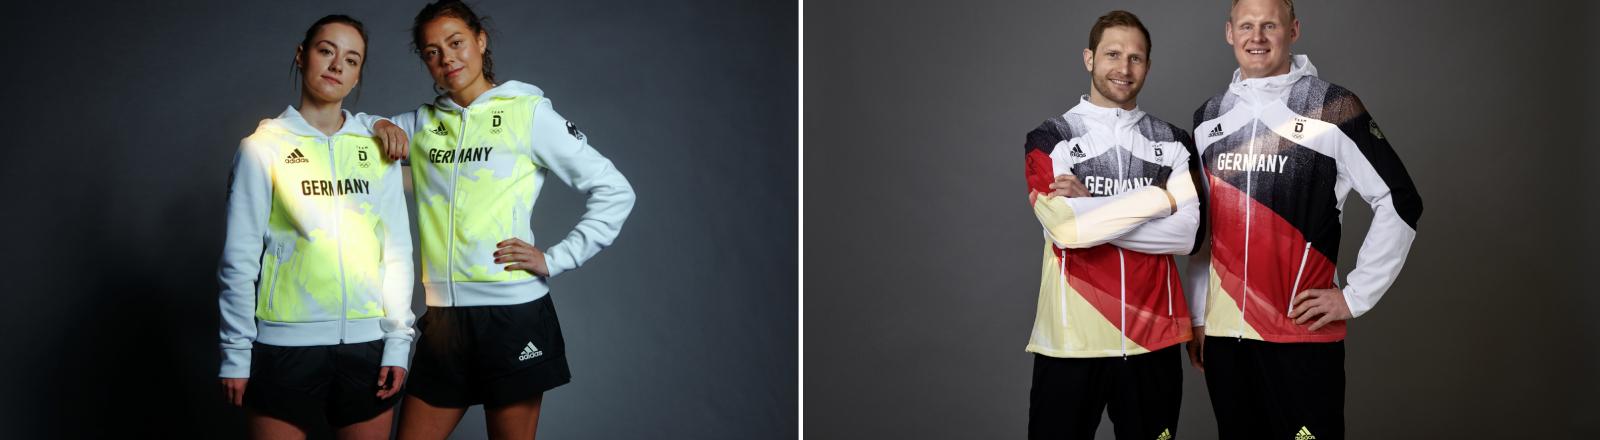 Olympionikinnen und Olympioniken in ihren Outfits: BMX-Fahrerinn Lara Lessmann, Hockeyspielerin Selin Oruz, Handballer Patrick Wiencek und Hockeyspieler Max Weinhold